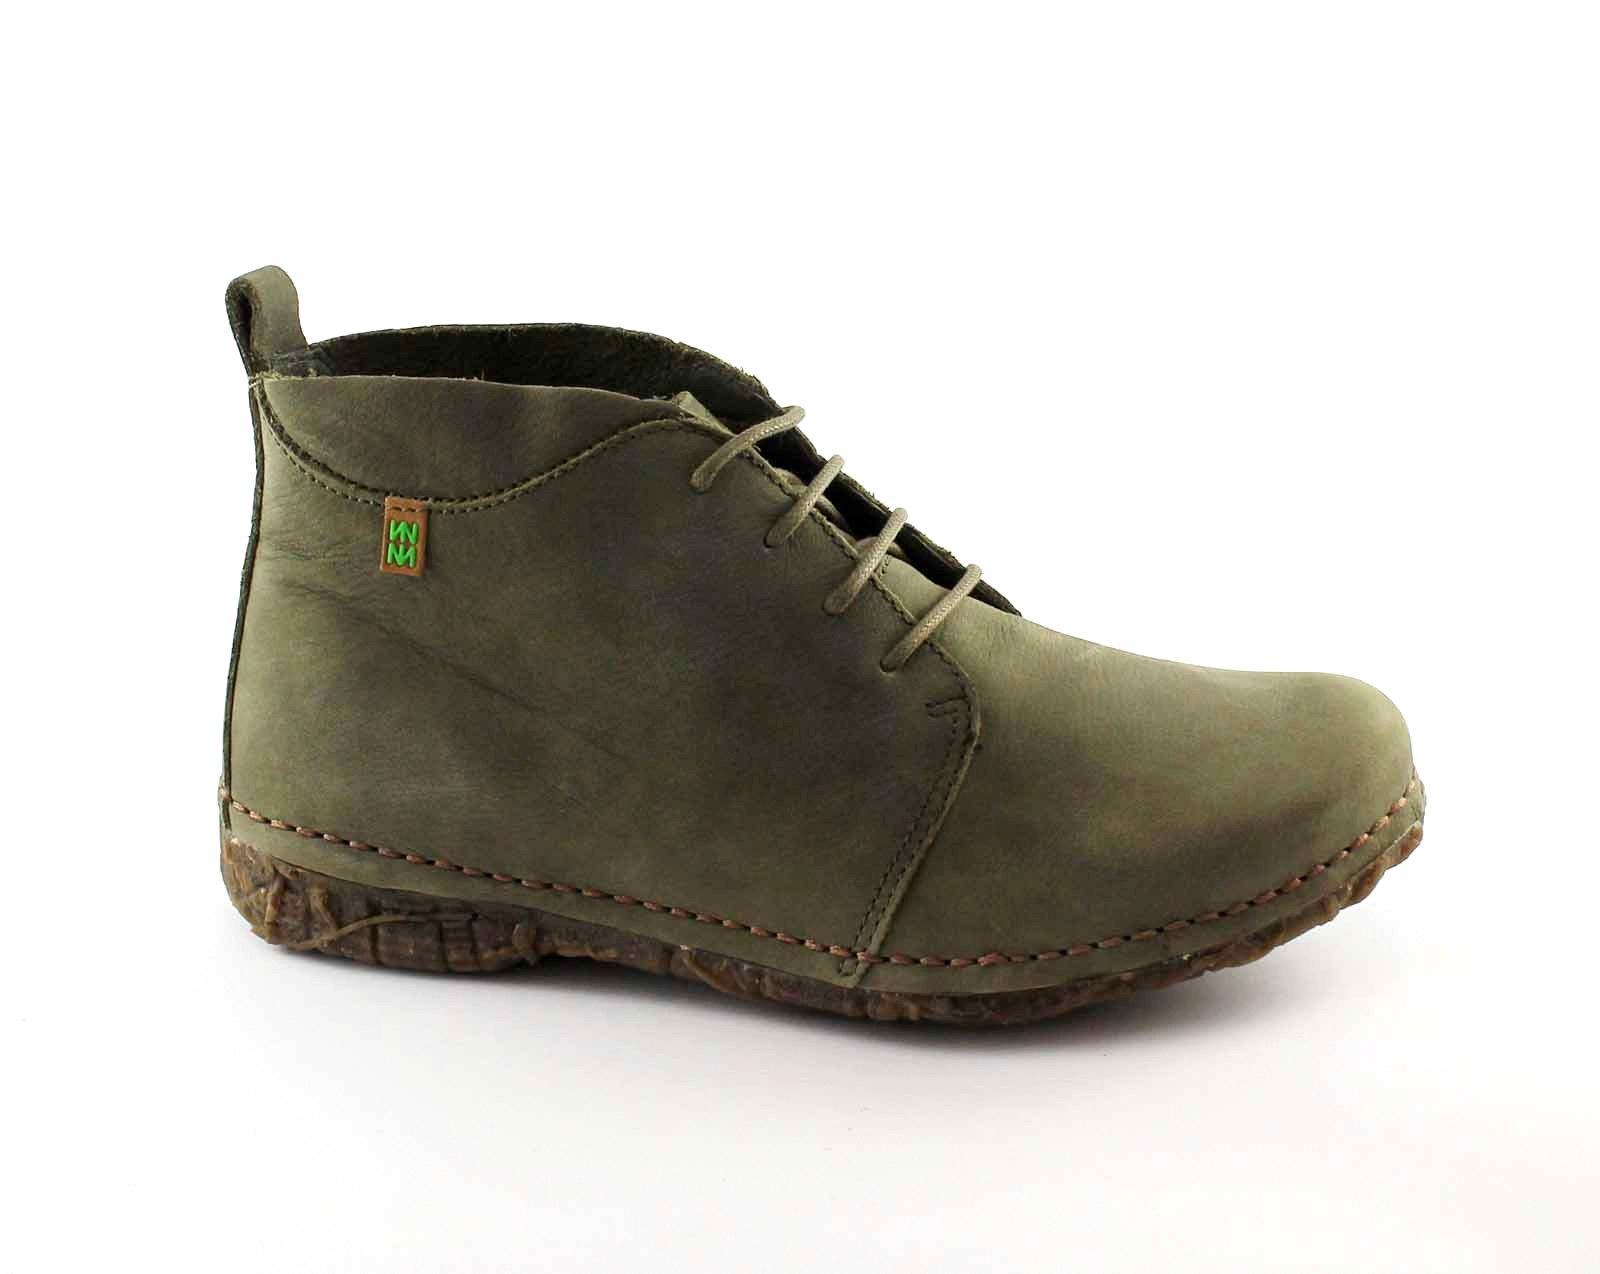 EL NATURALISTA N974 PLEASANT kaki scarpe donna  scarponcini lacci